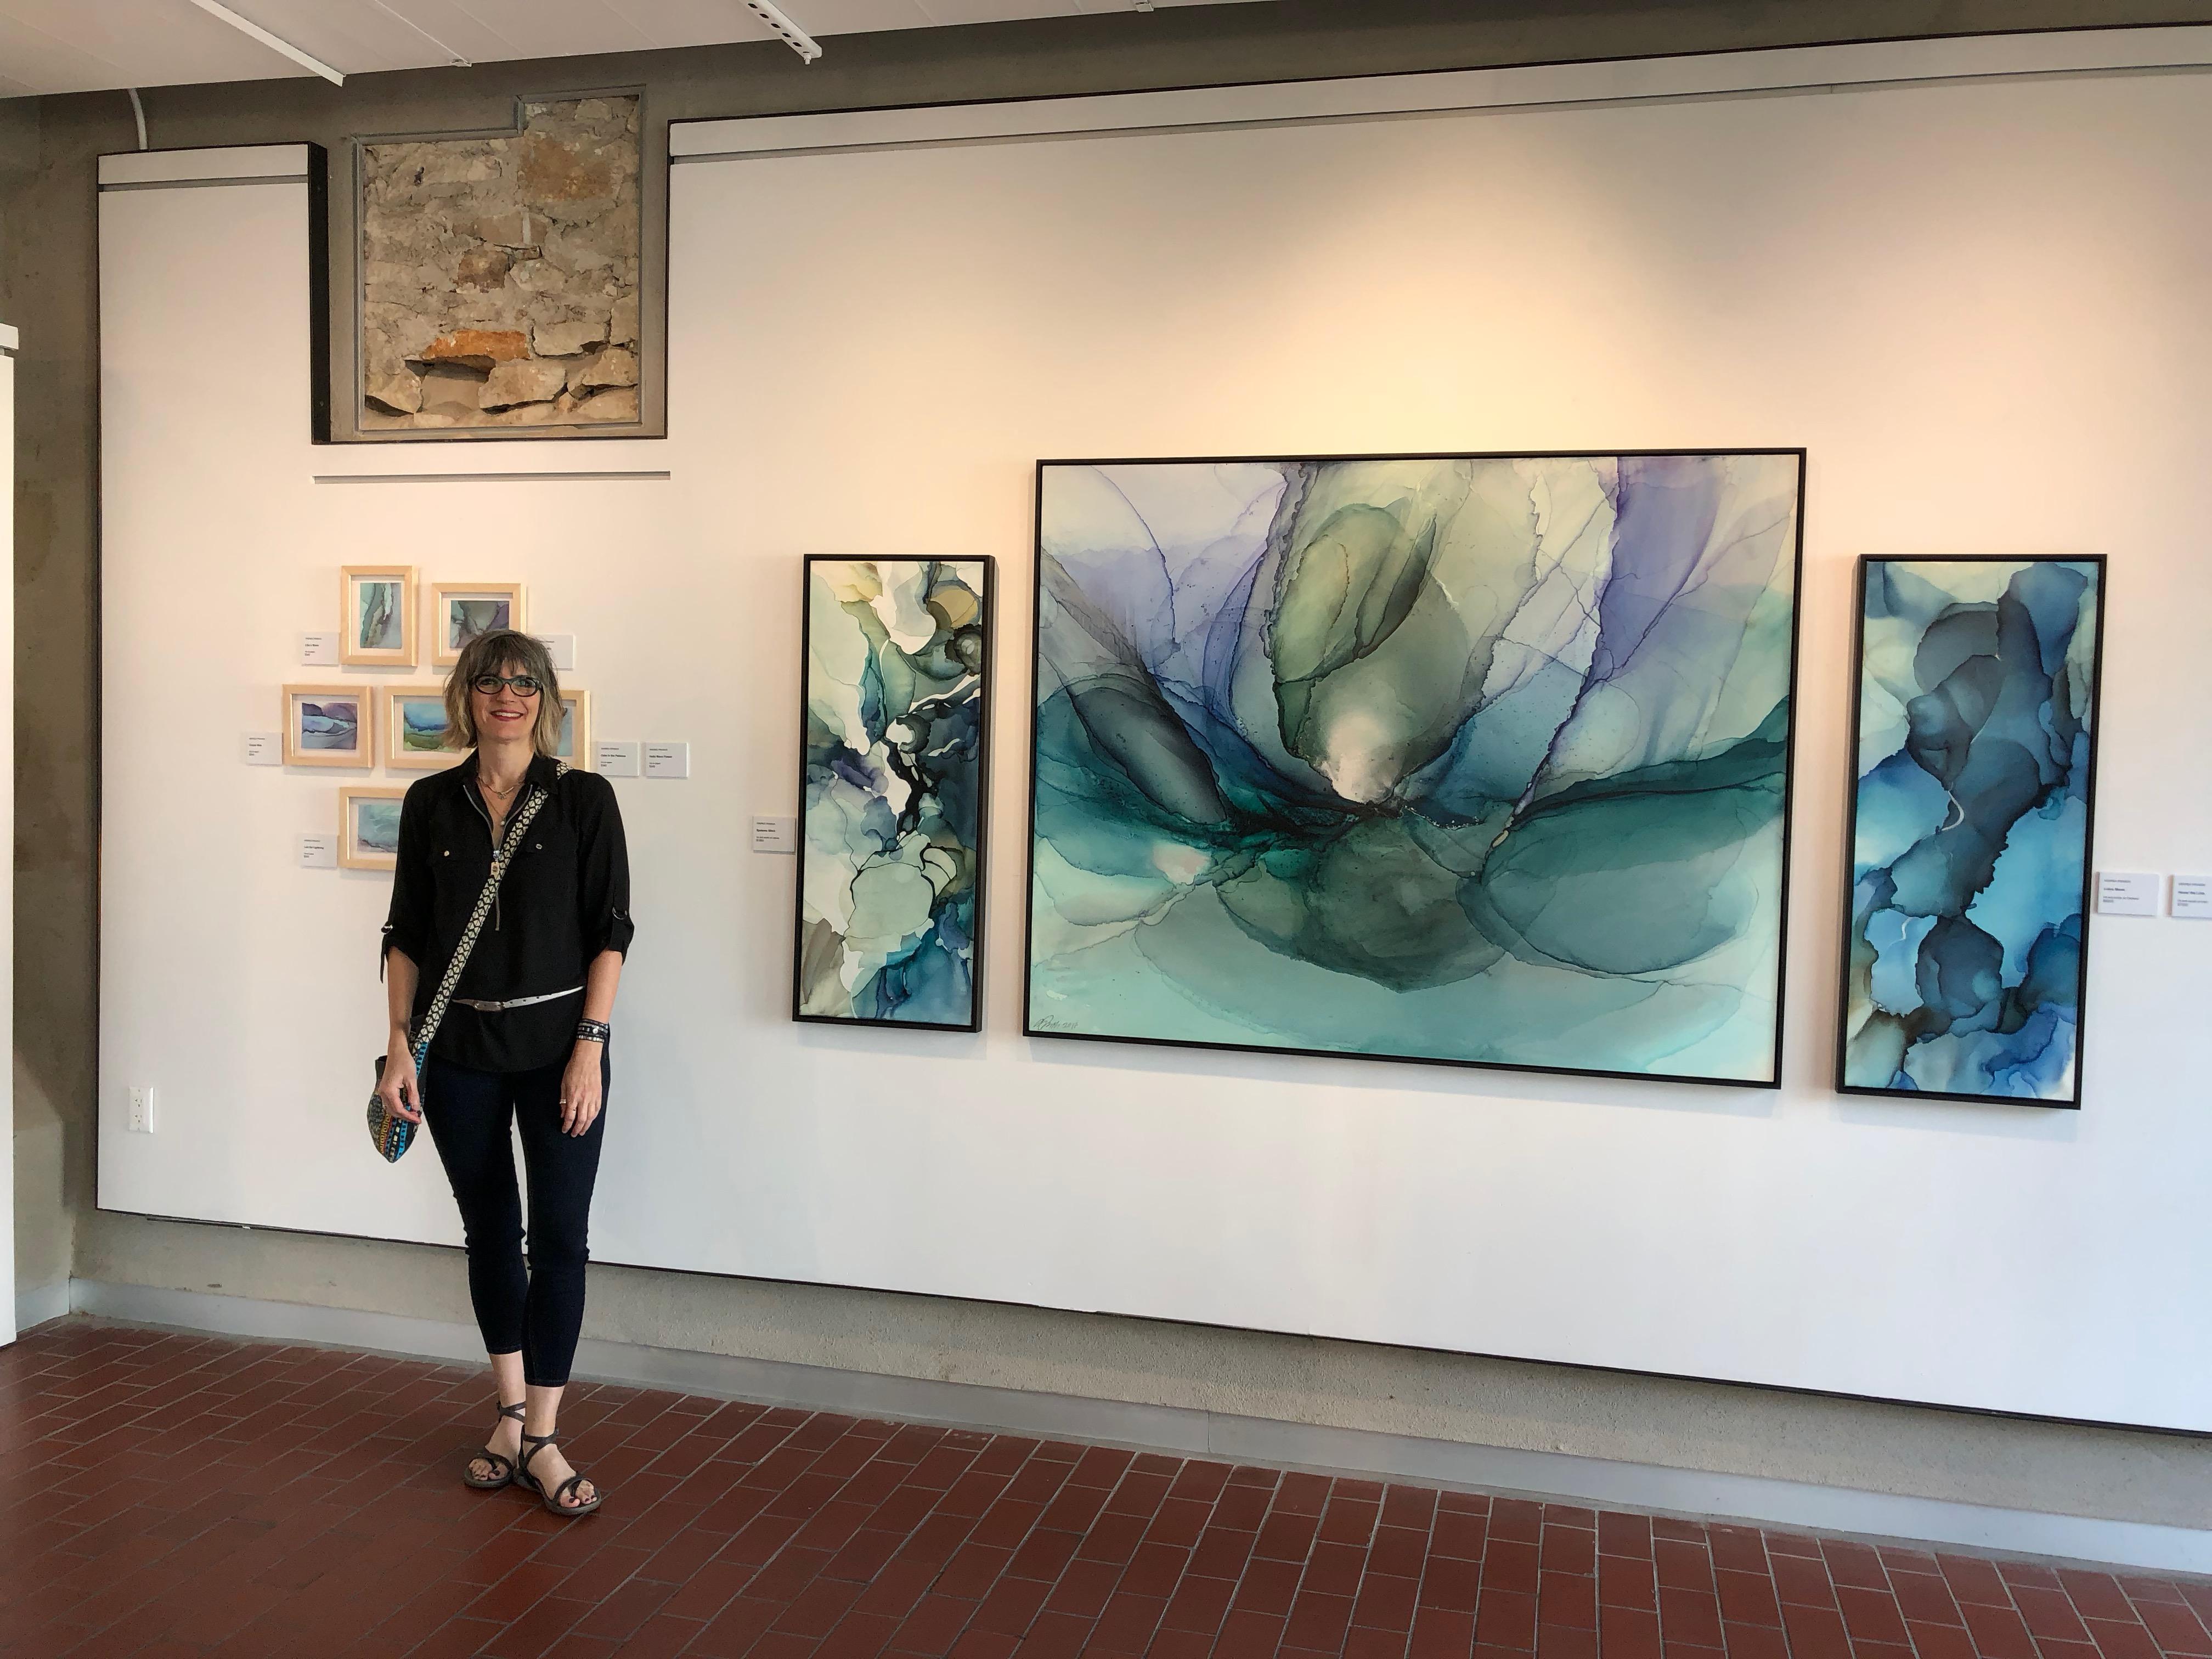 """Andrea Pramuk """"Fluid Worlds"""" Georgetown Art Center June 29 - August 5, 2018"""